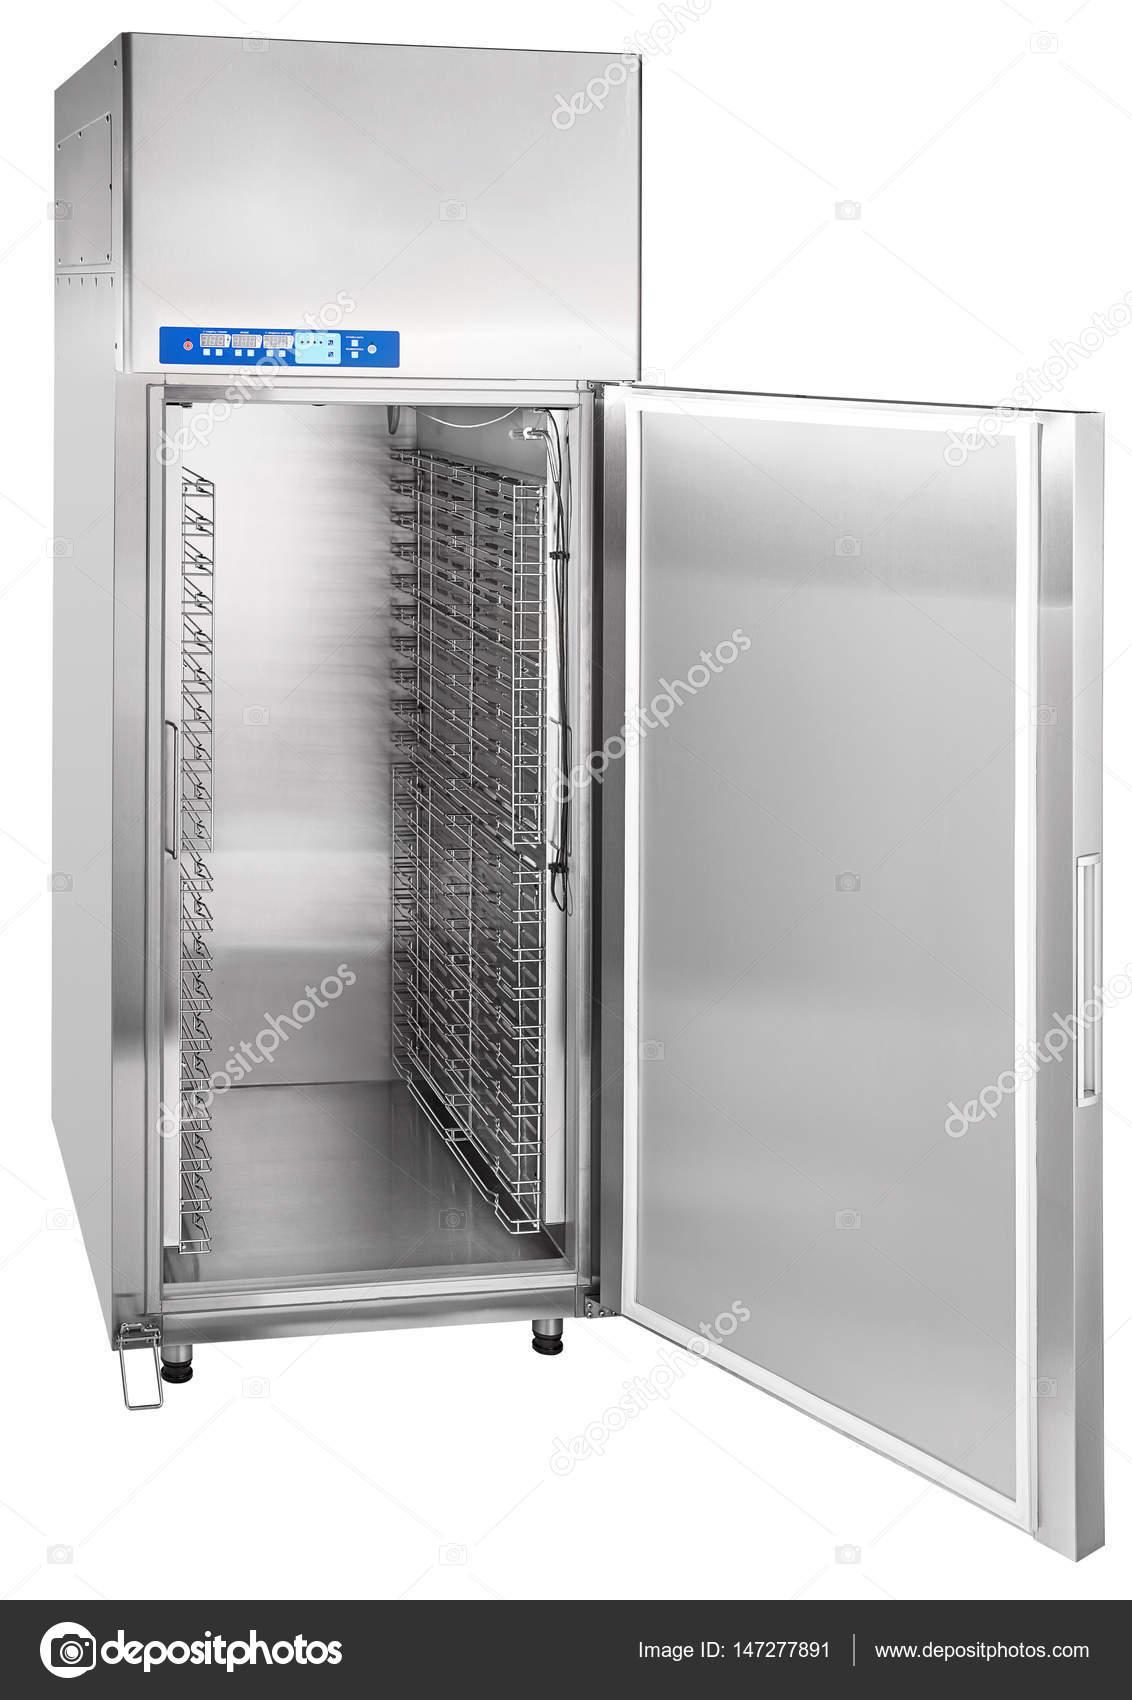 Fantastisch Industrie Kühlschrank Ideen - Schlafzimmer Ideen ...